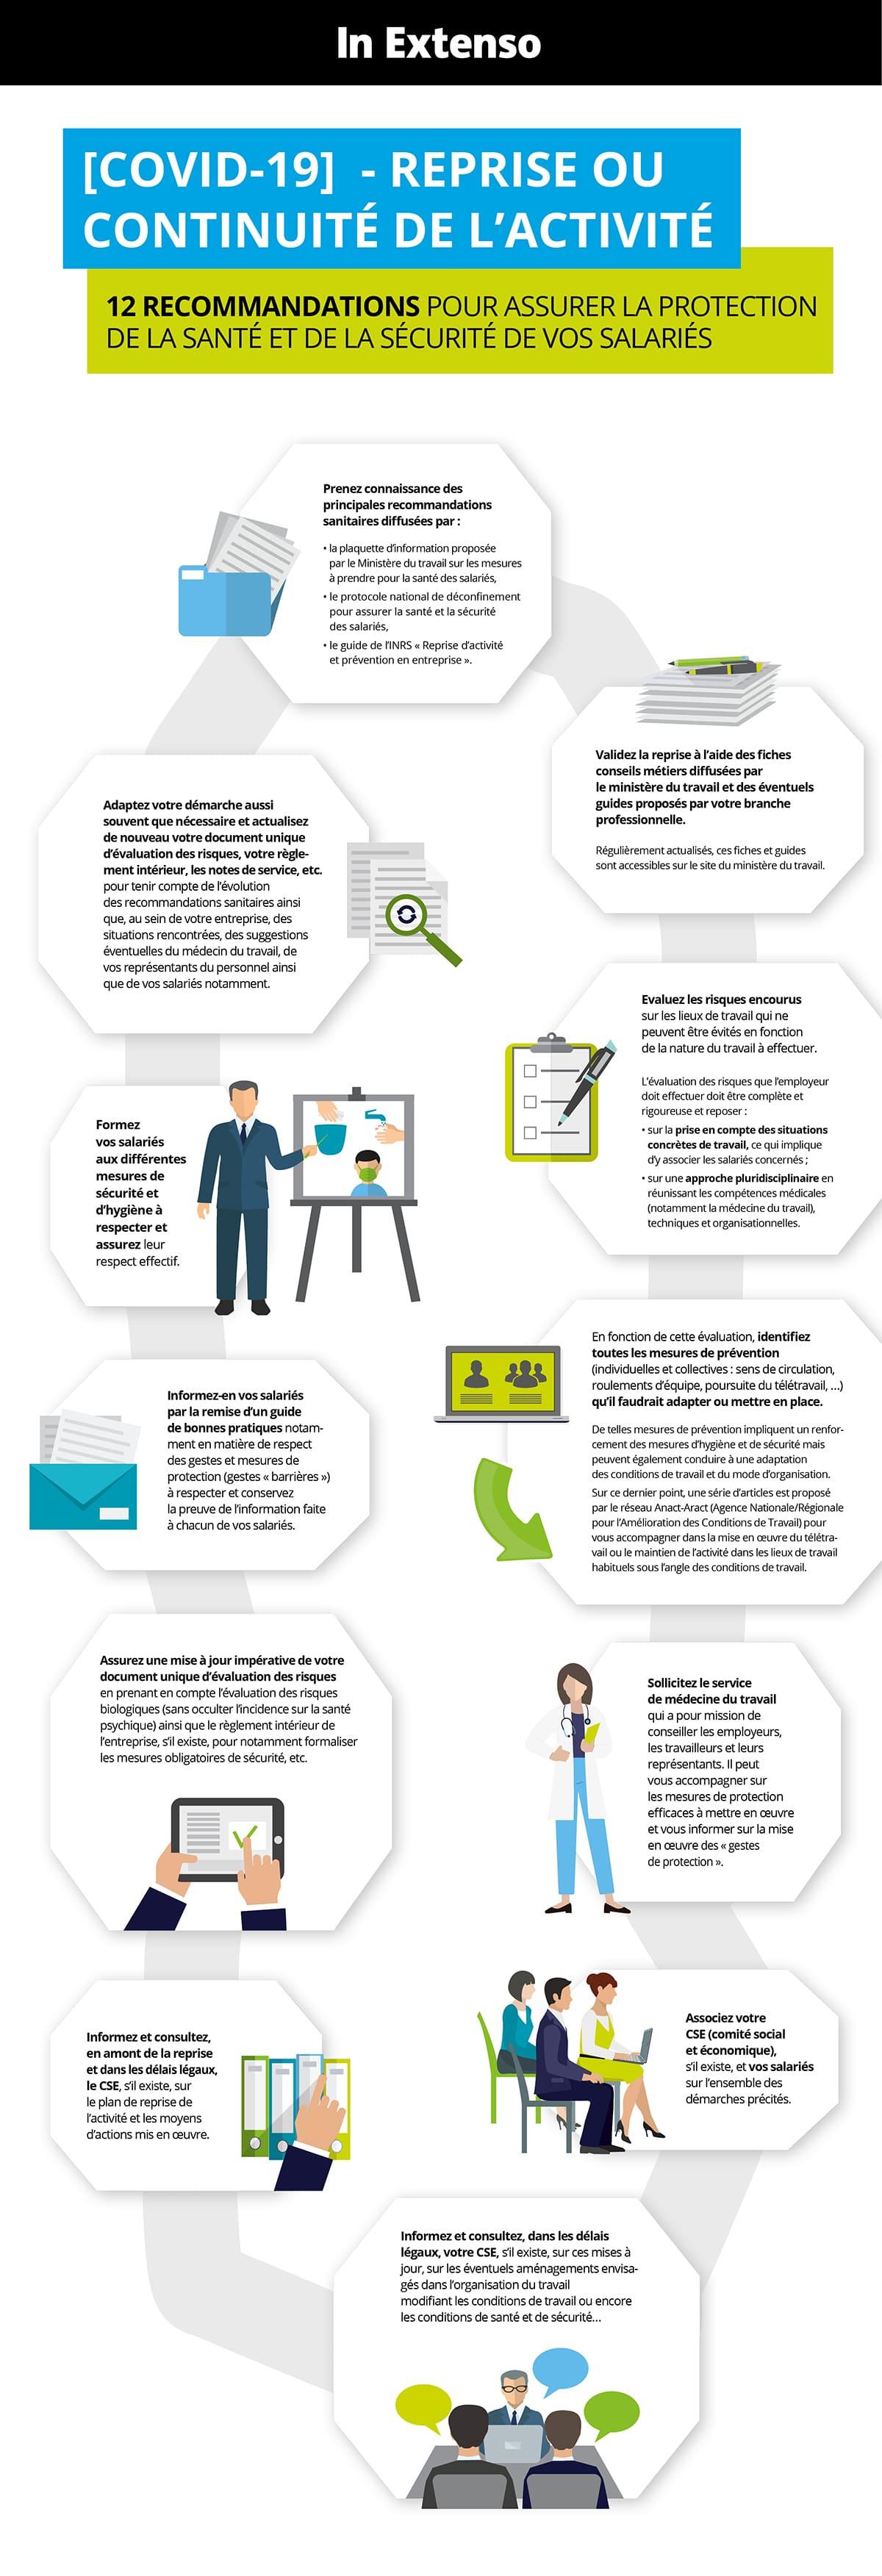 Reprise ou continuité de l'activité : 12 recommandations pour assurer la protection de la santé et de la sécurité de vos salariés (infographie)